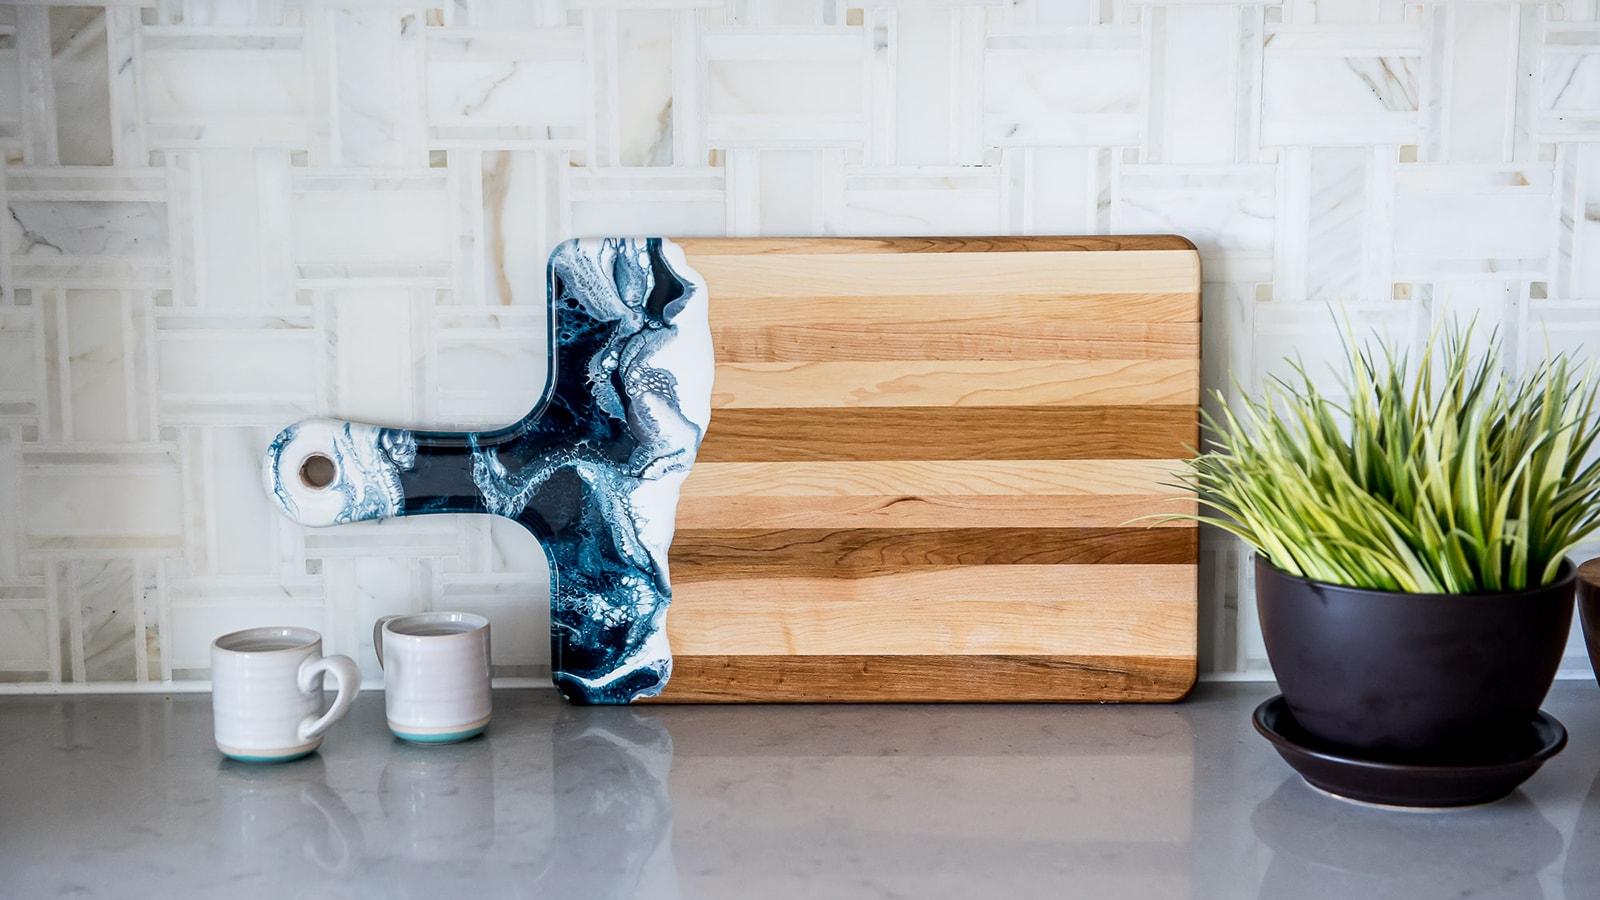 Lynn & Liana Designs Wood Cheese Boards